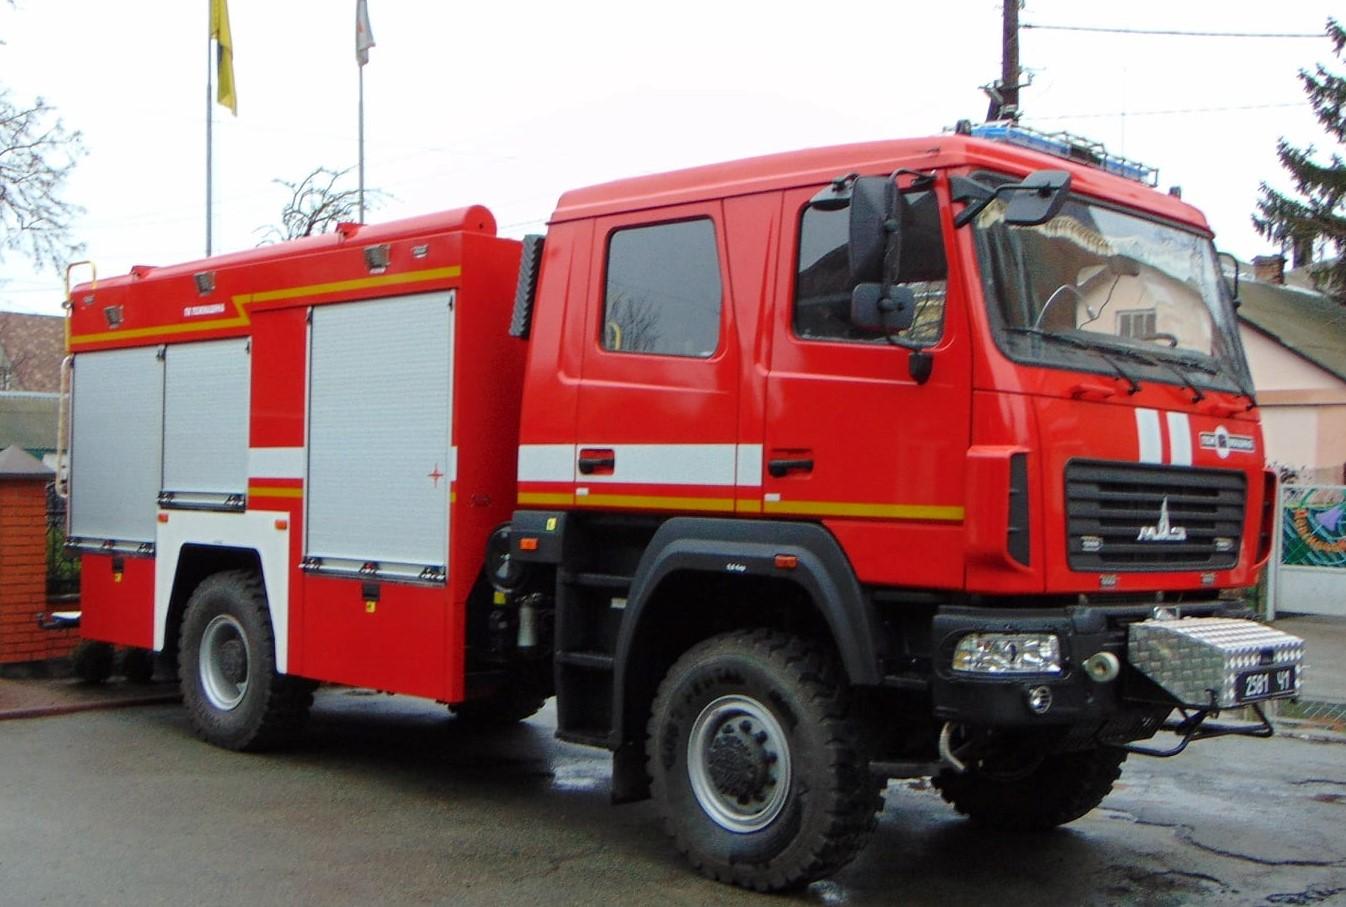 Обновка ДСНСників: фастівські рятувальники отримали нове пожежно-рятувальне авто - Фастів - 80246703 2535668096551280 6792933130190716928 o